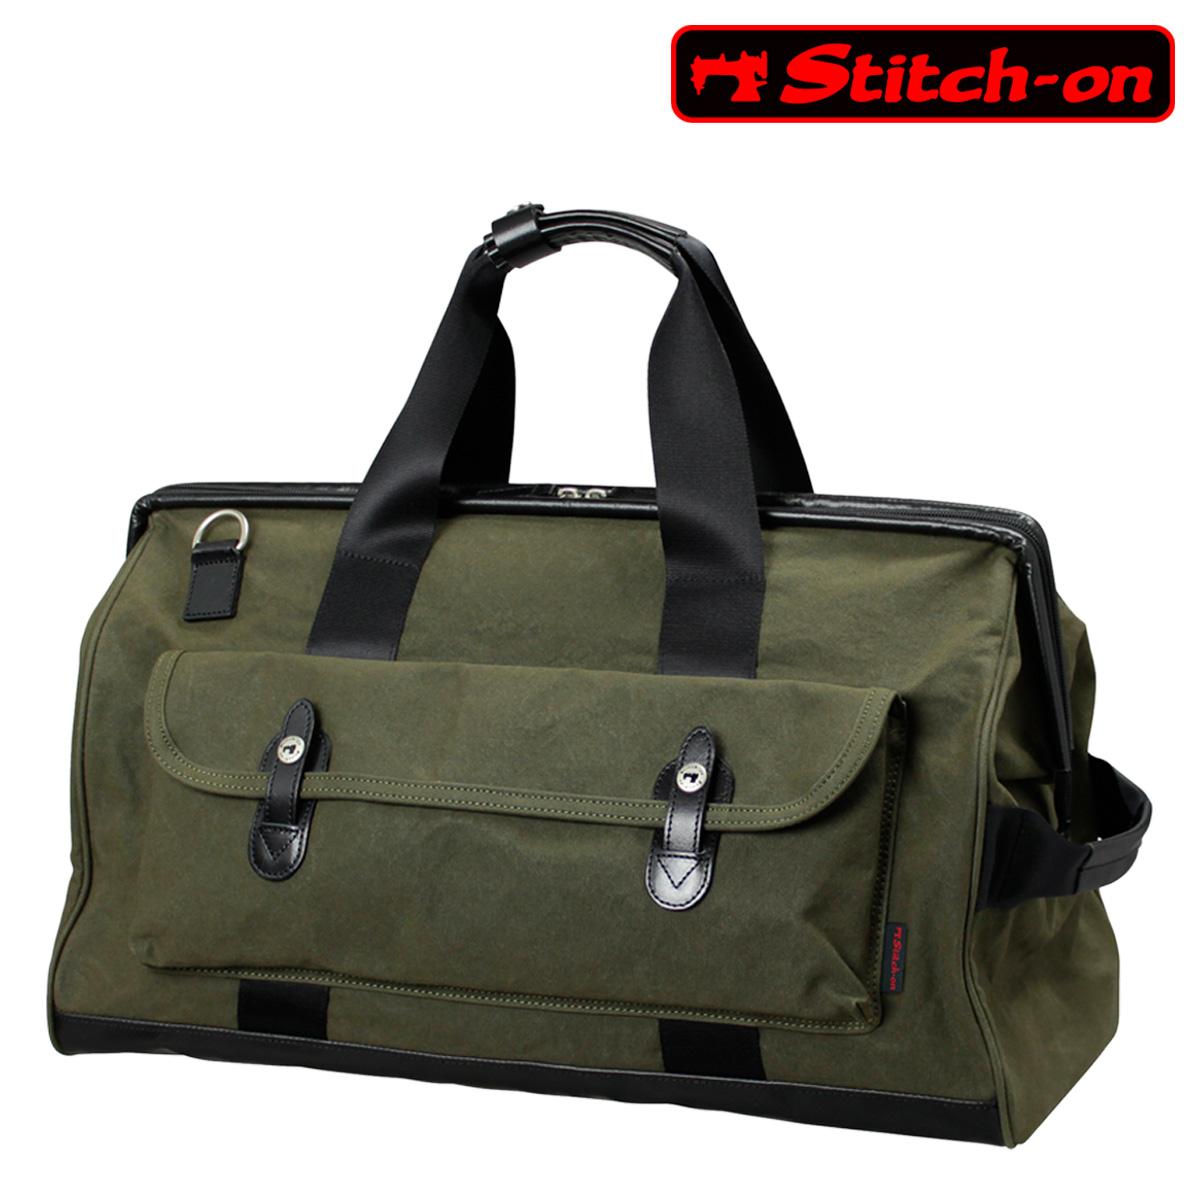 ステッチオン ボストンバッグ 2WAY 帆布シリーズ メンズ 52018 日本製 Stitch-on   ダレスバッグ ダレスボストン 旅行 豊岡 10号帆布[PO10][bef]